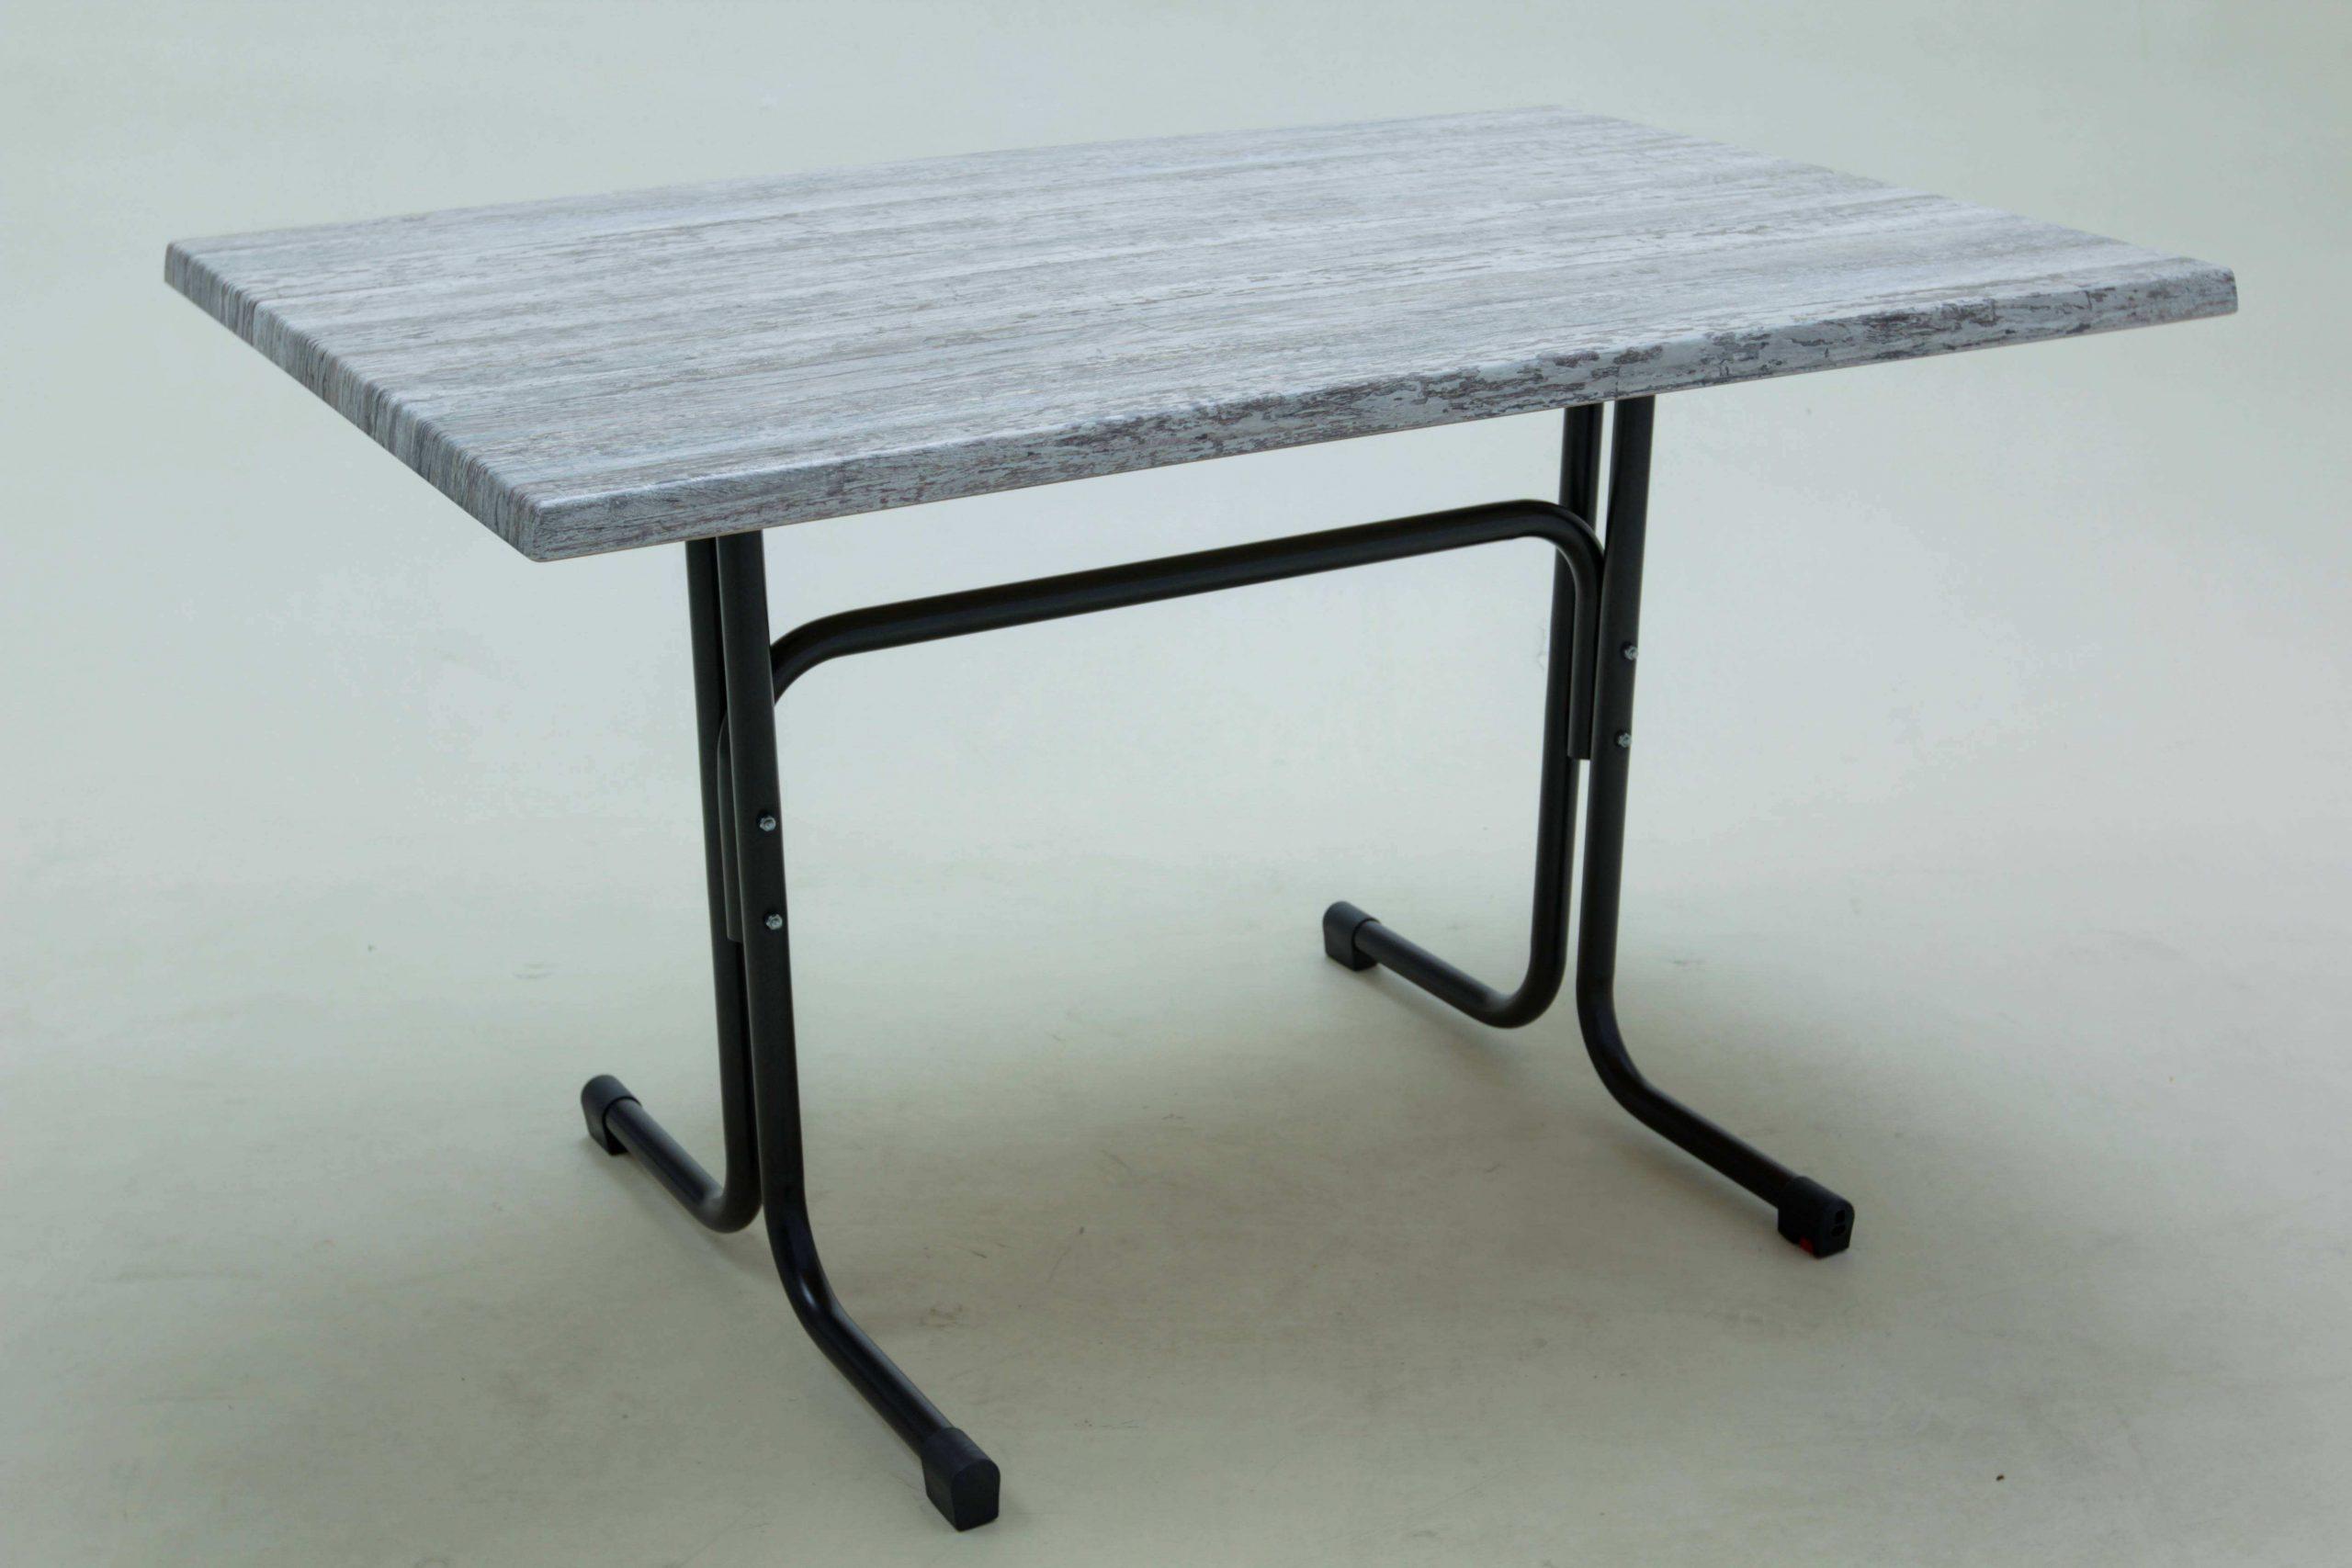 Full Size of Lidl Gartentisch Holz Klappbar Online Florabest Aluminium Glasplatte Tisch Ausziehbar Gartentischdecken Abdeckung Wohnzimmer Lidl Gartentisch